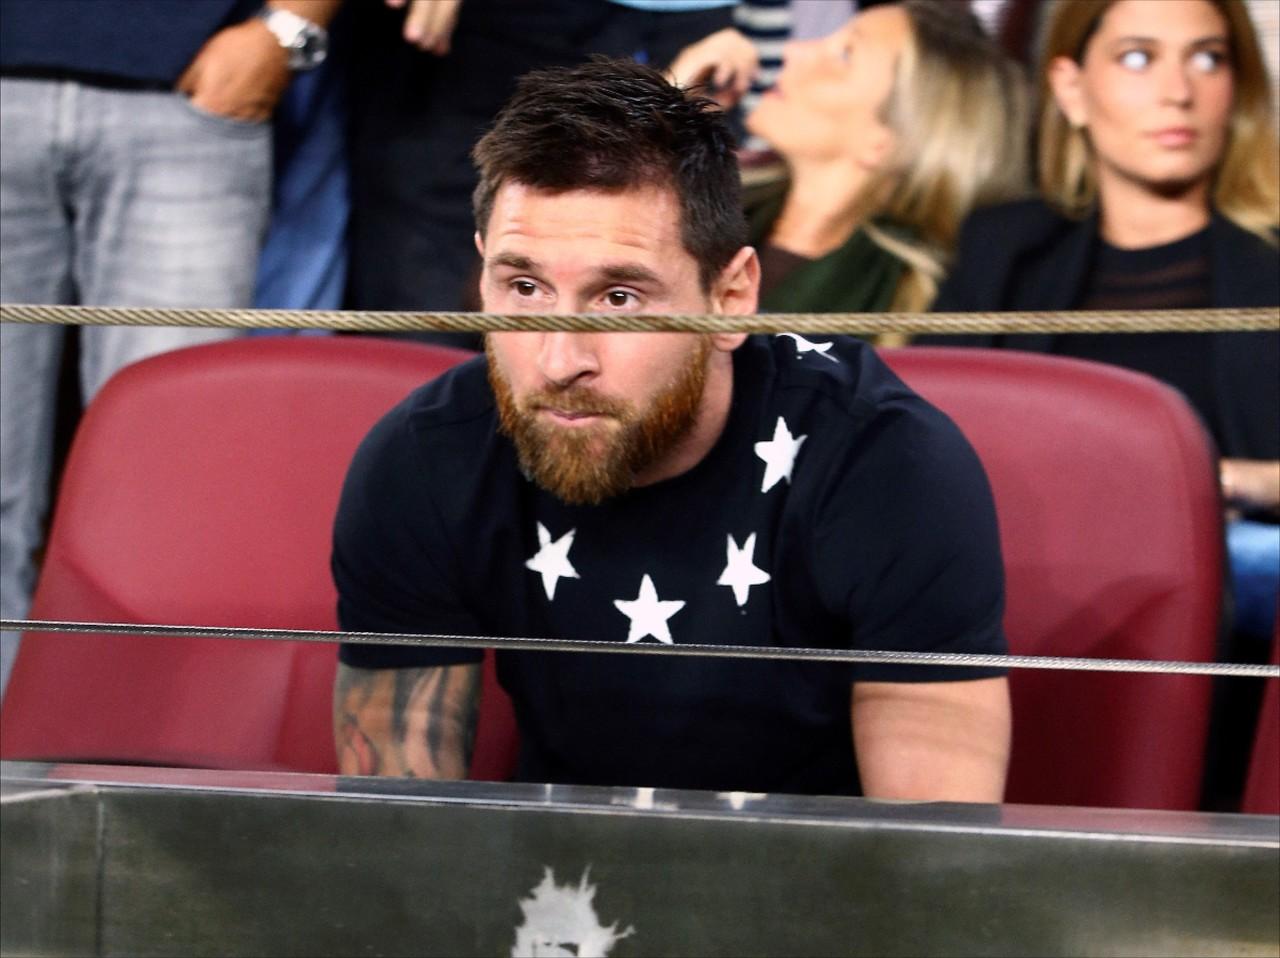 每体:梅西仍然保持着沉默,但他正在仔细考虑留在巴萨的选项